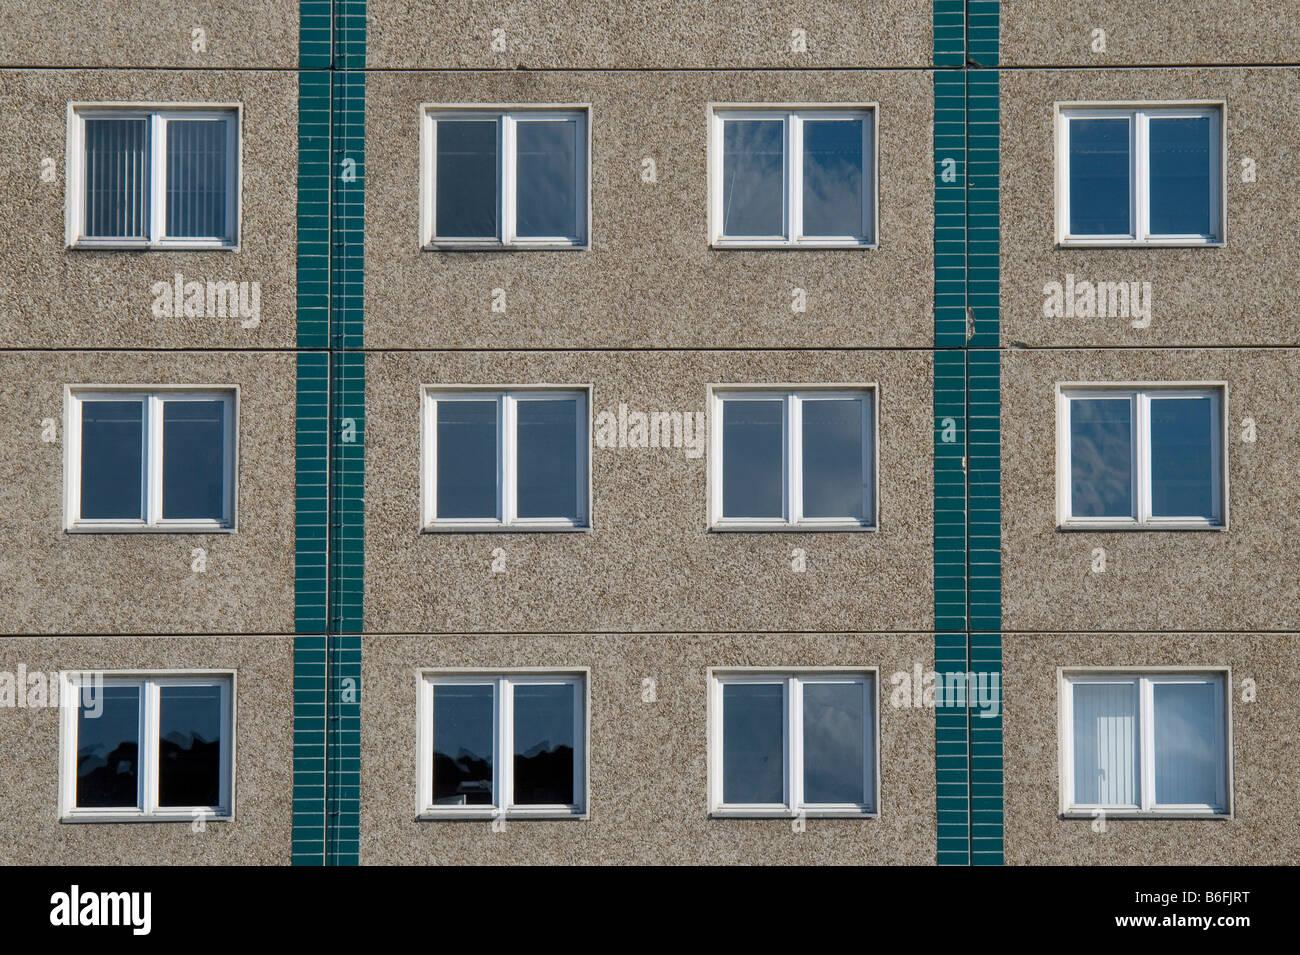 Plattenbau, vorgefertigte Betonbau, Teilansicht, Berlin, Deutschland, Europa Stockbild